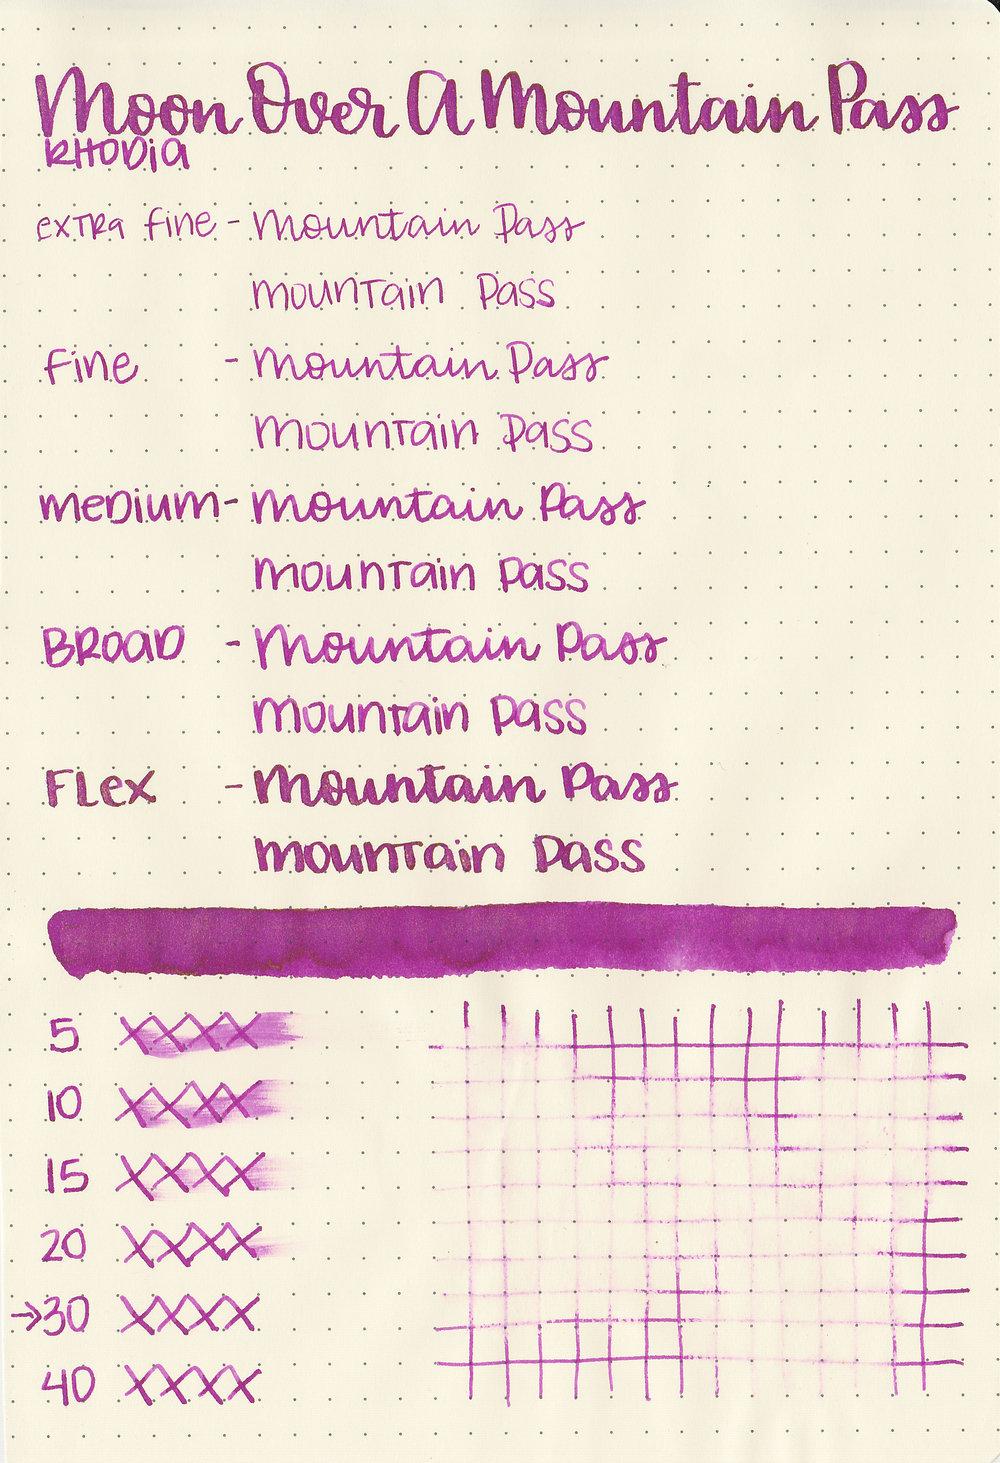 as-moon-over-mountain-pass-5.jpg